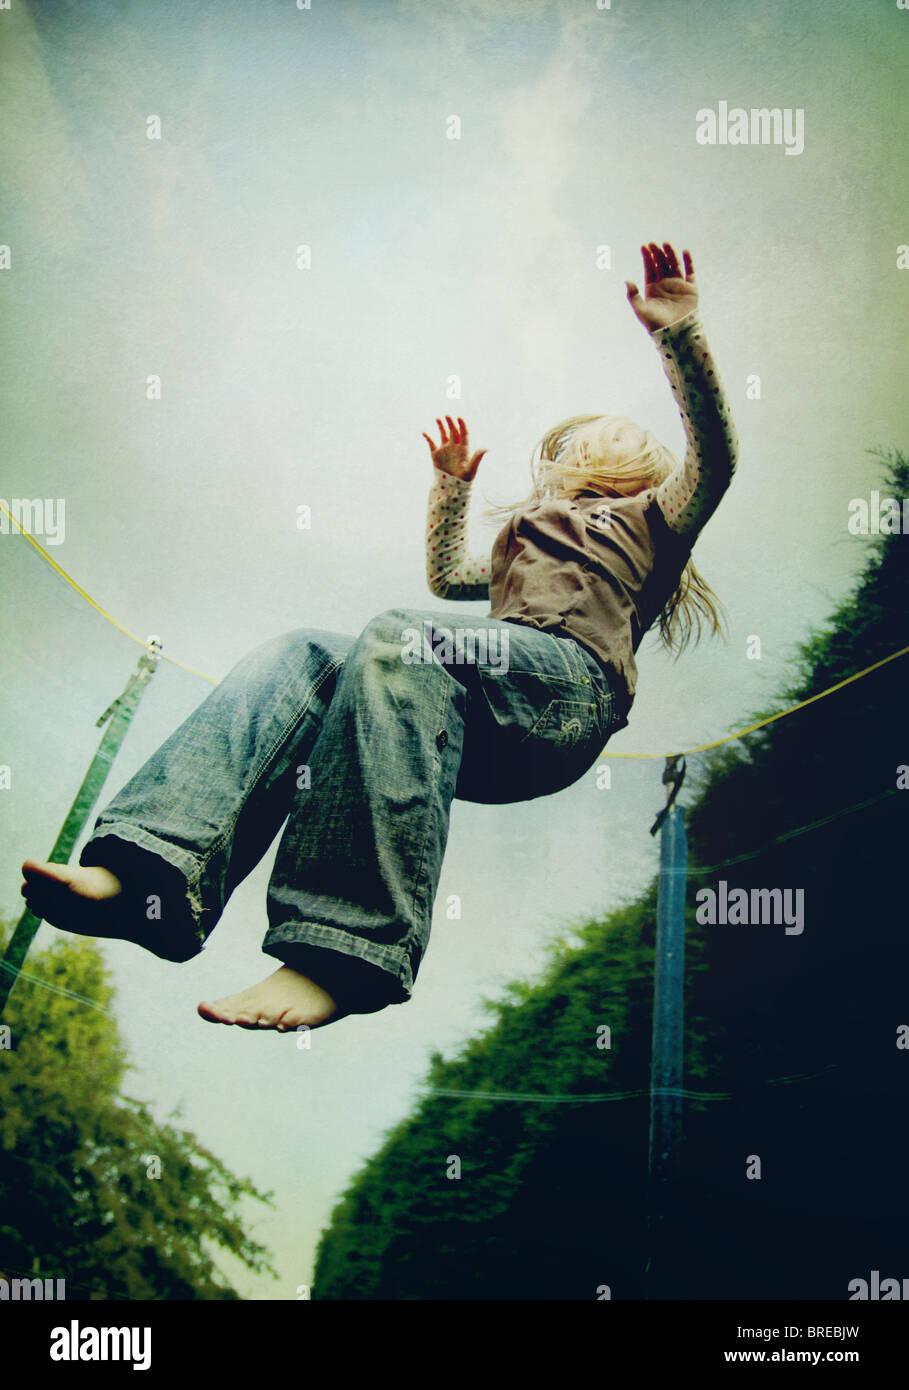 Chica saltando sobre una cama elástica Imagen De Stock